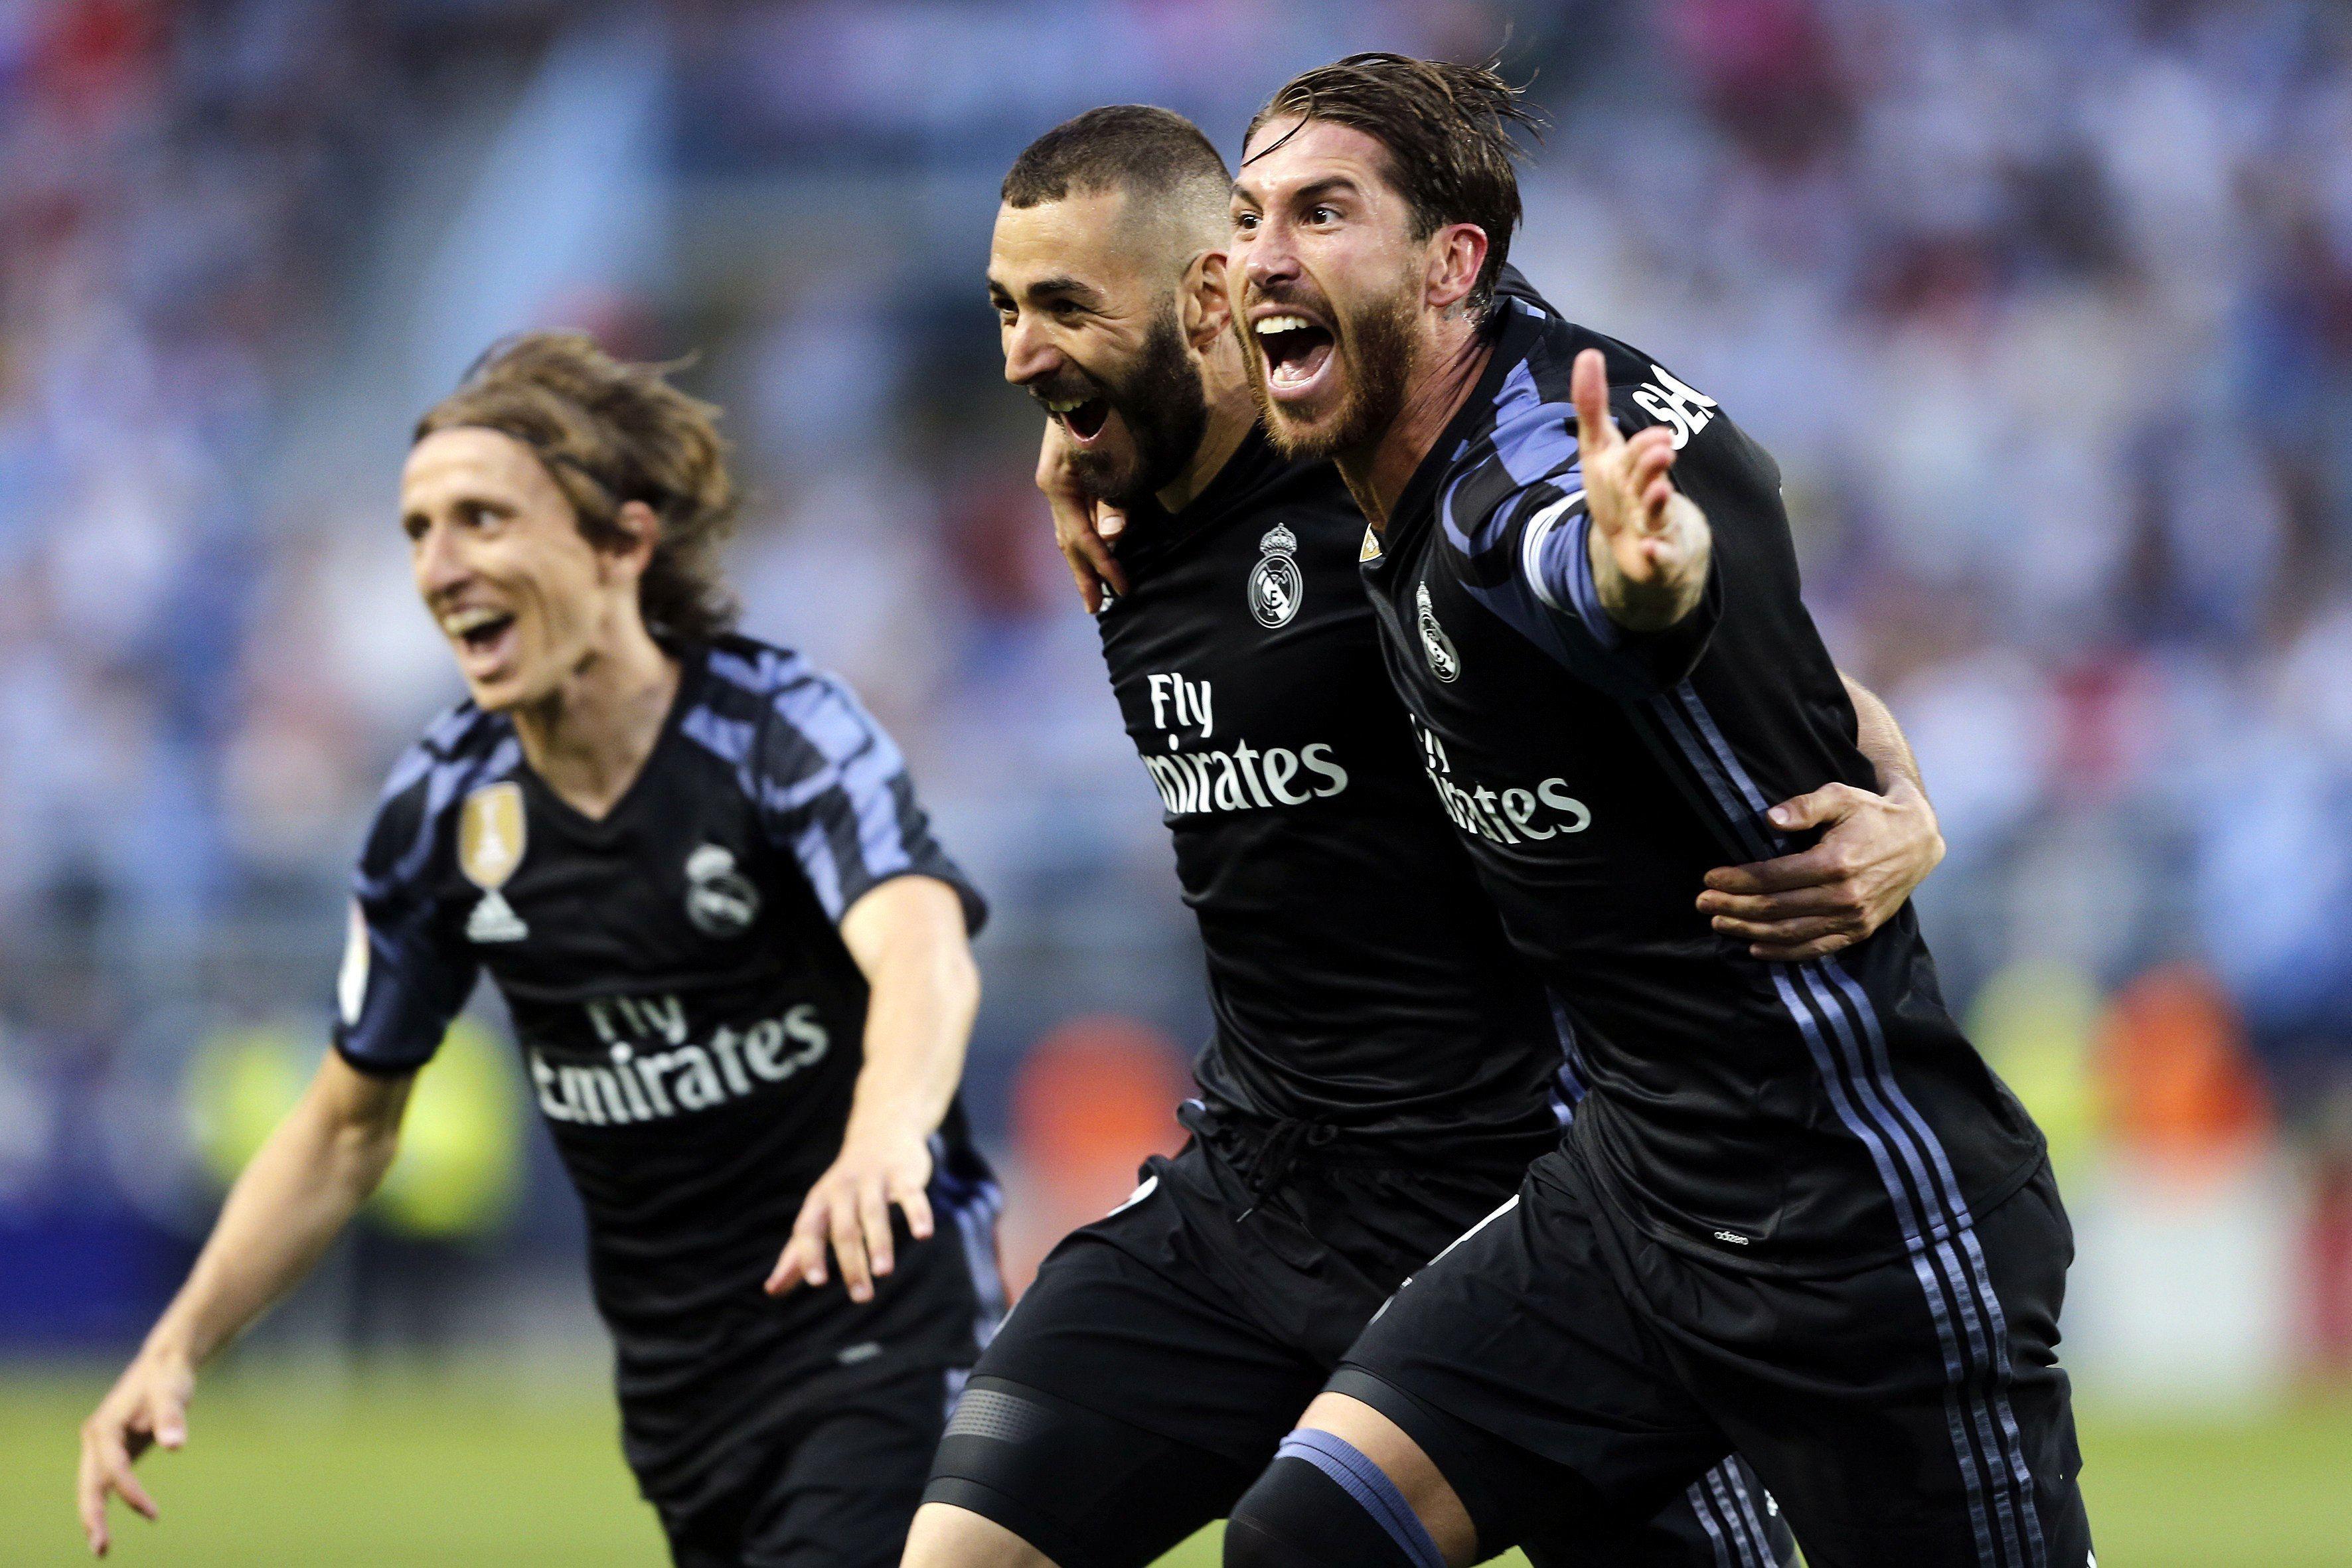 ¿Qué camiseta usará Real Madrid ante Juventus en la final de la Champions?